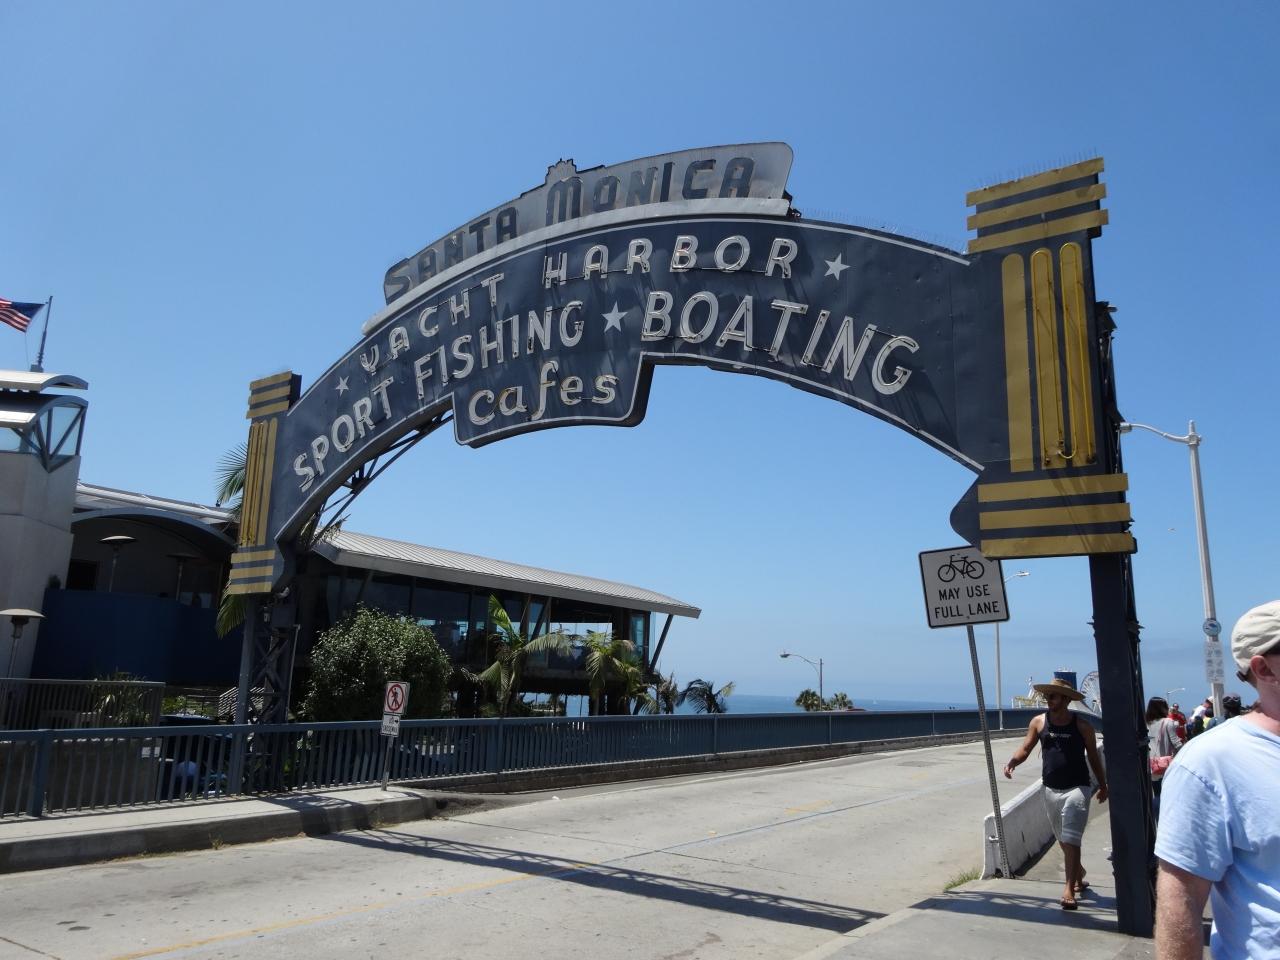 サンタモニカの観光はココ!周辺の人気スポットやおすすめのビーチも